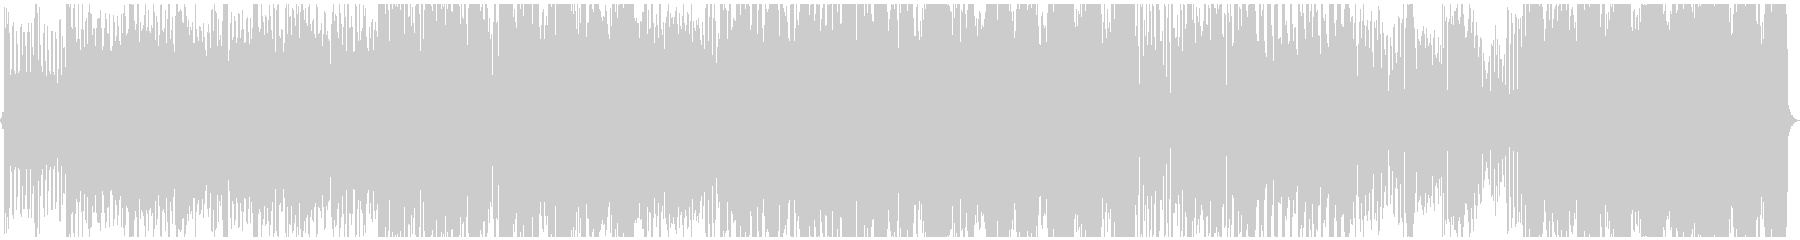 クールなシンセポップ/ダンストラッ...の未再生の波形